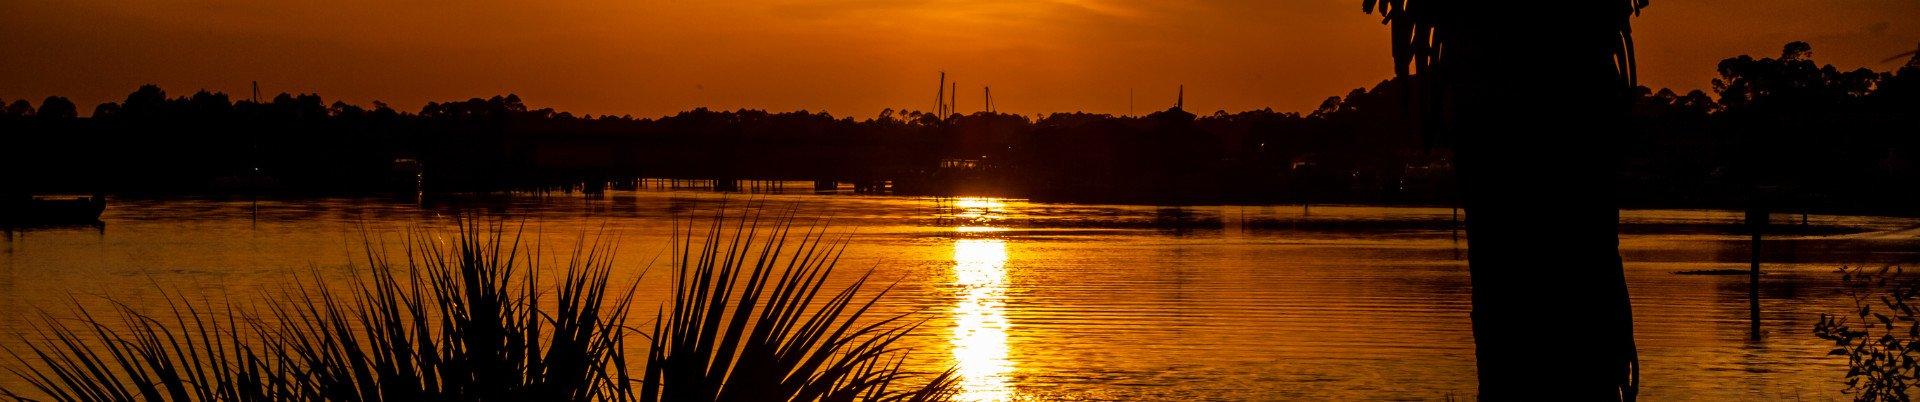 Carrabelle Florida Real Estate at sunrise